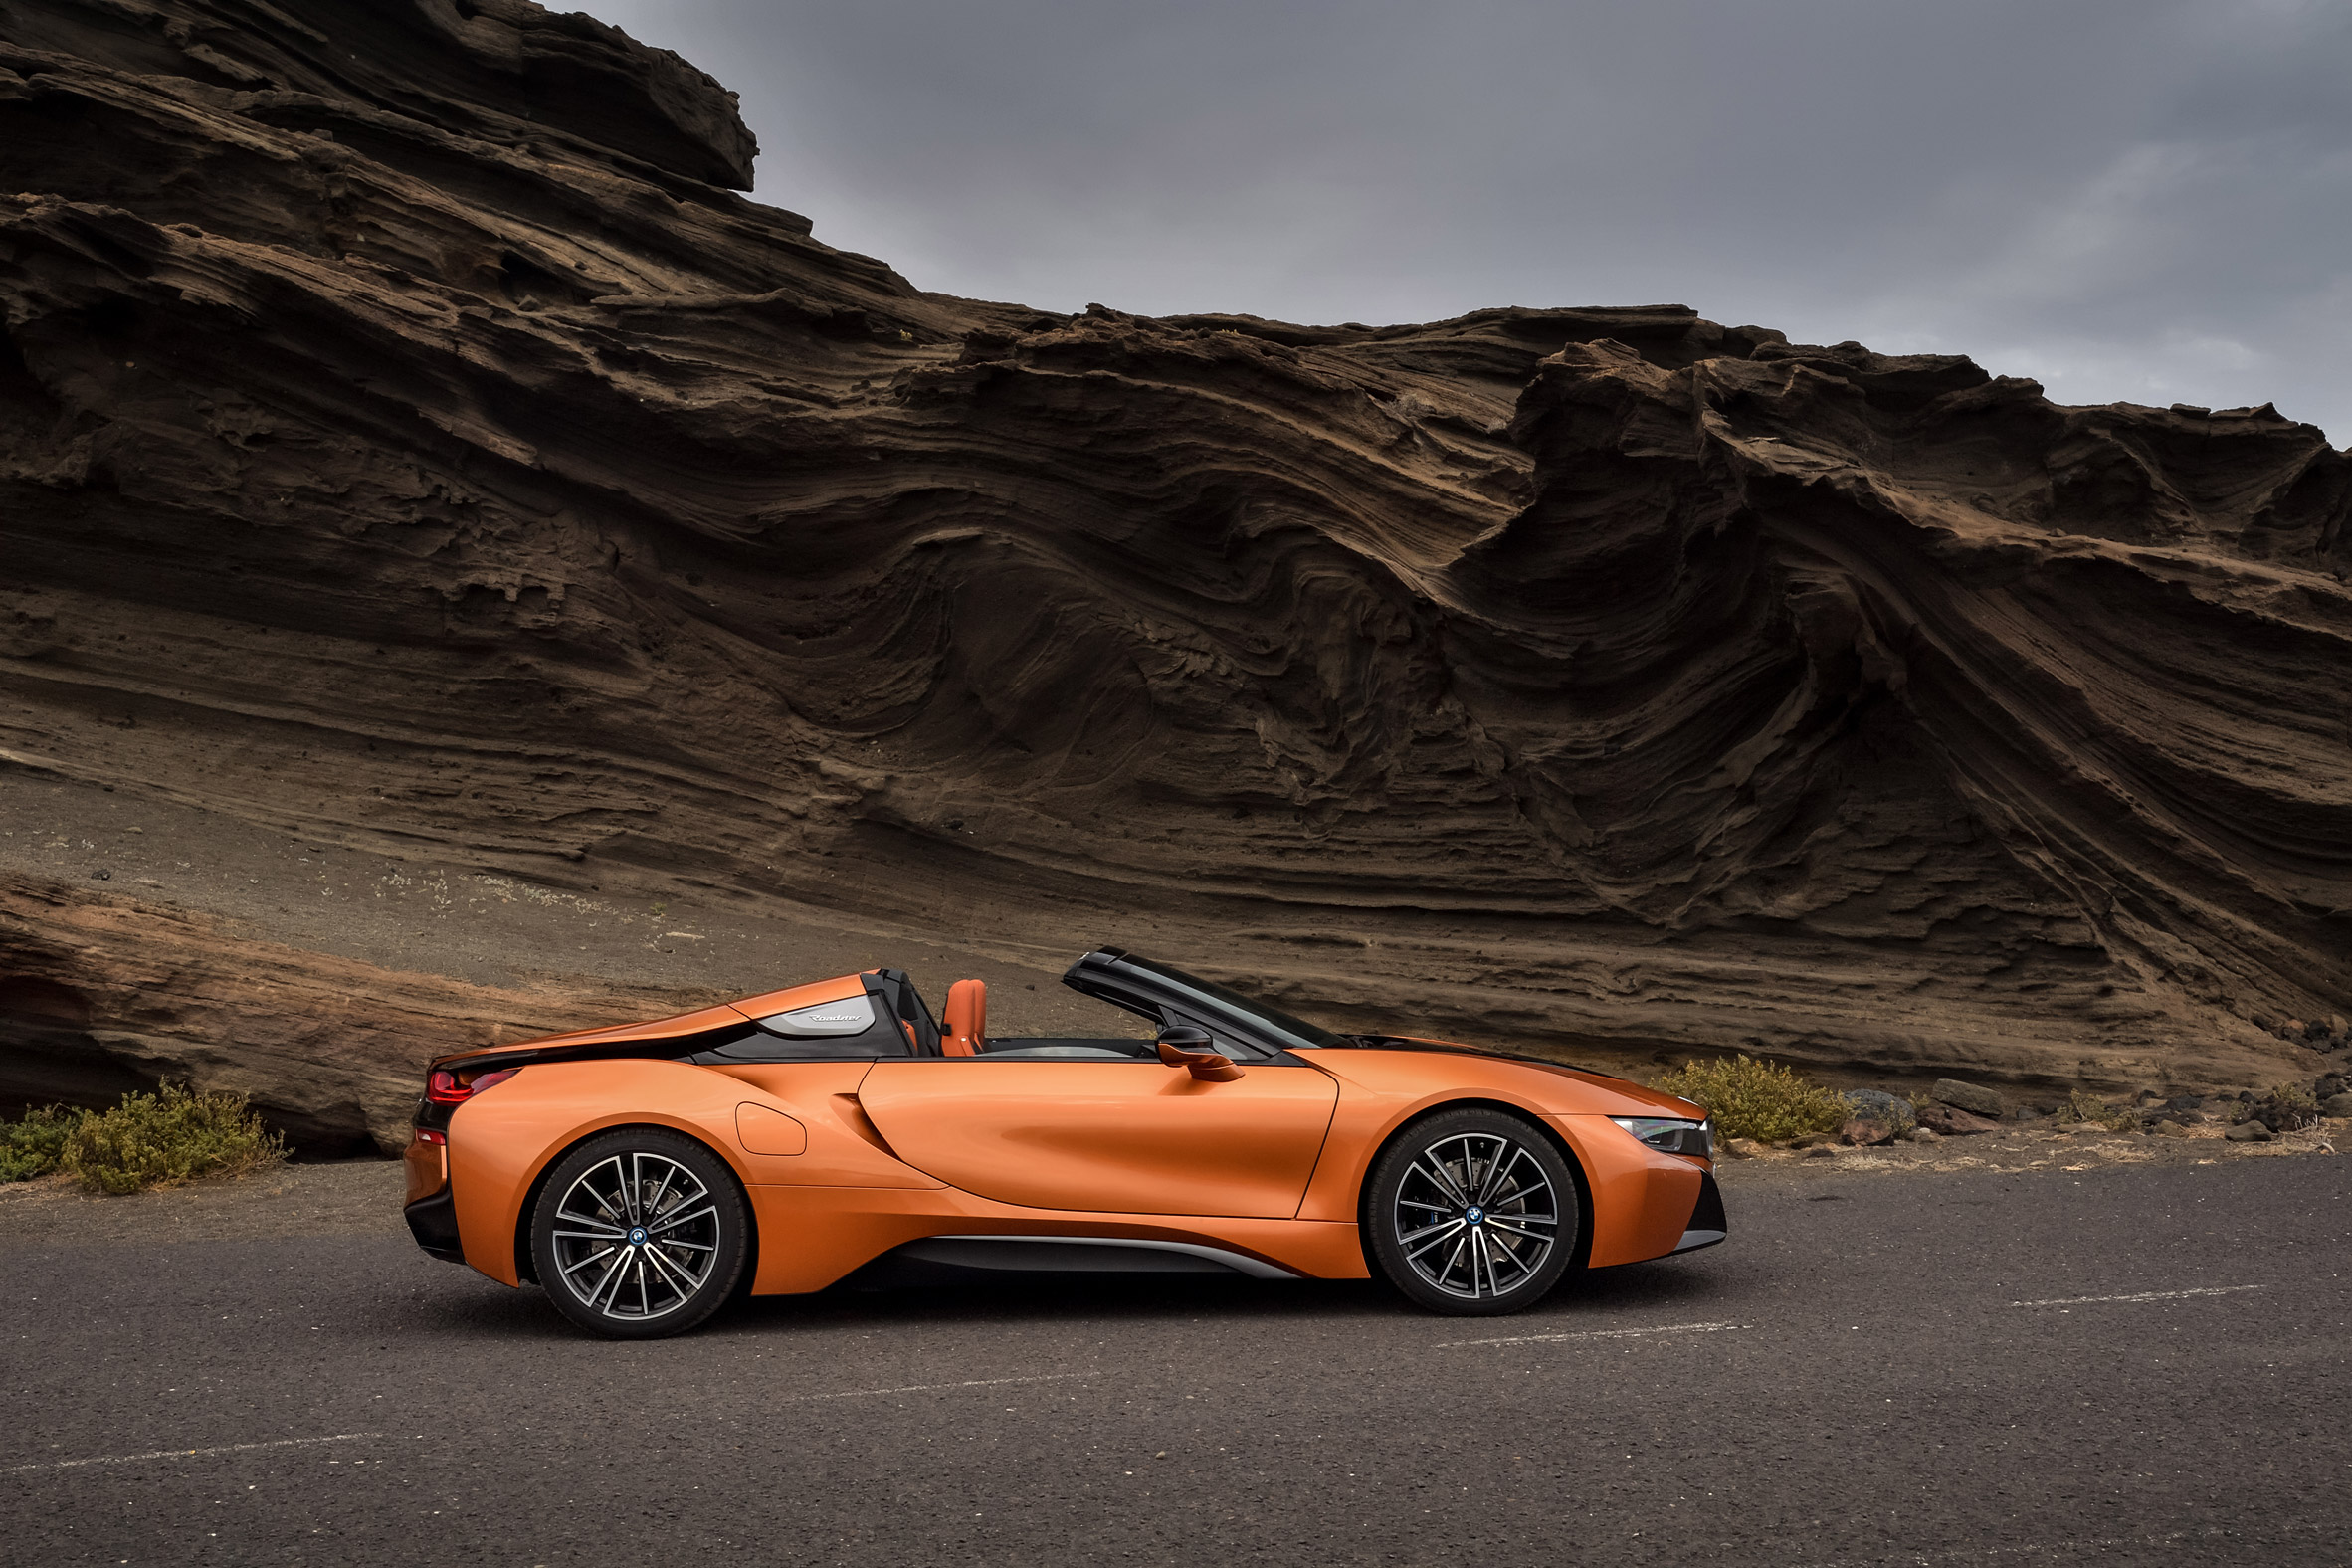 BMW unveils i8 Roadster at LA Auto Show